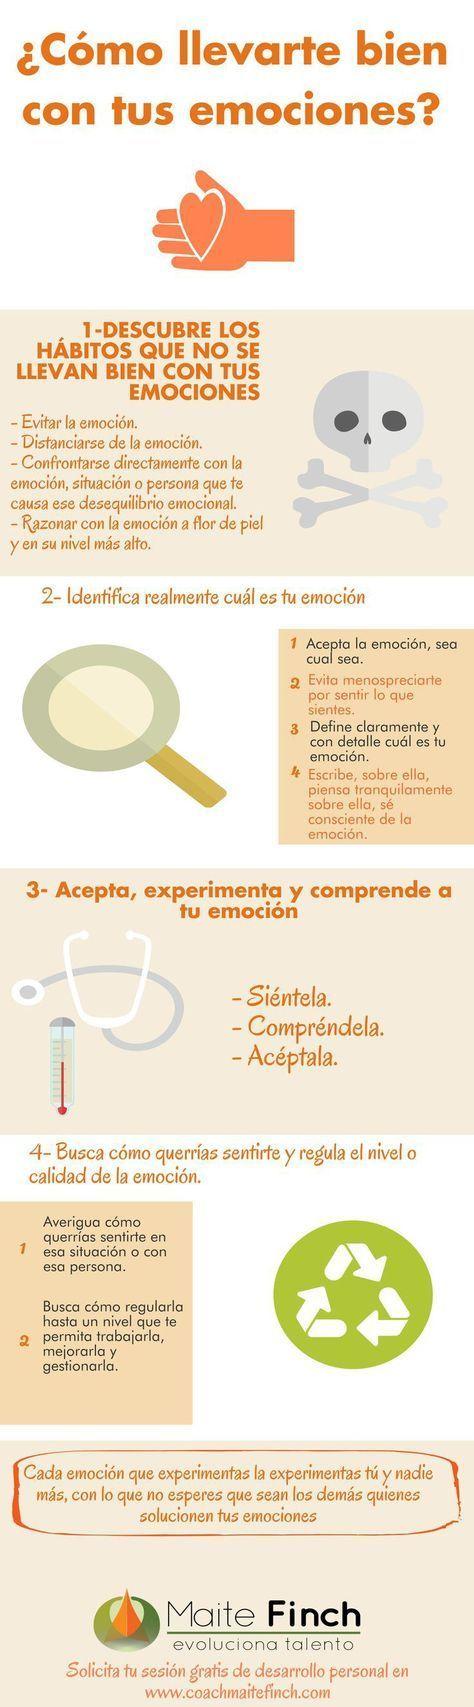 Cómo llevarte bien con tus emociones #infografia #infographic #psychology